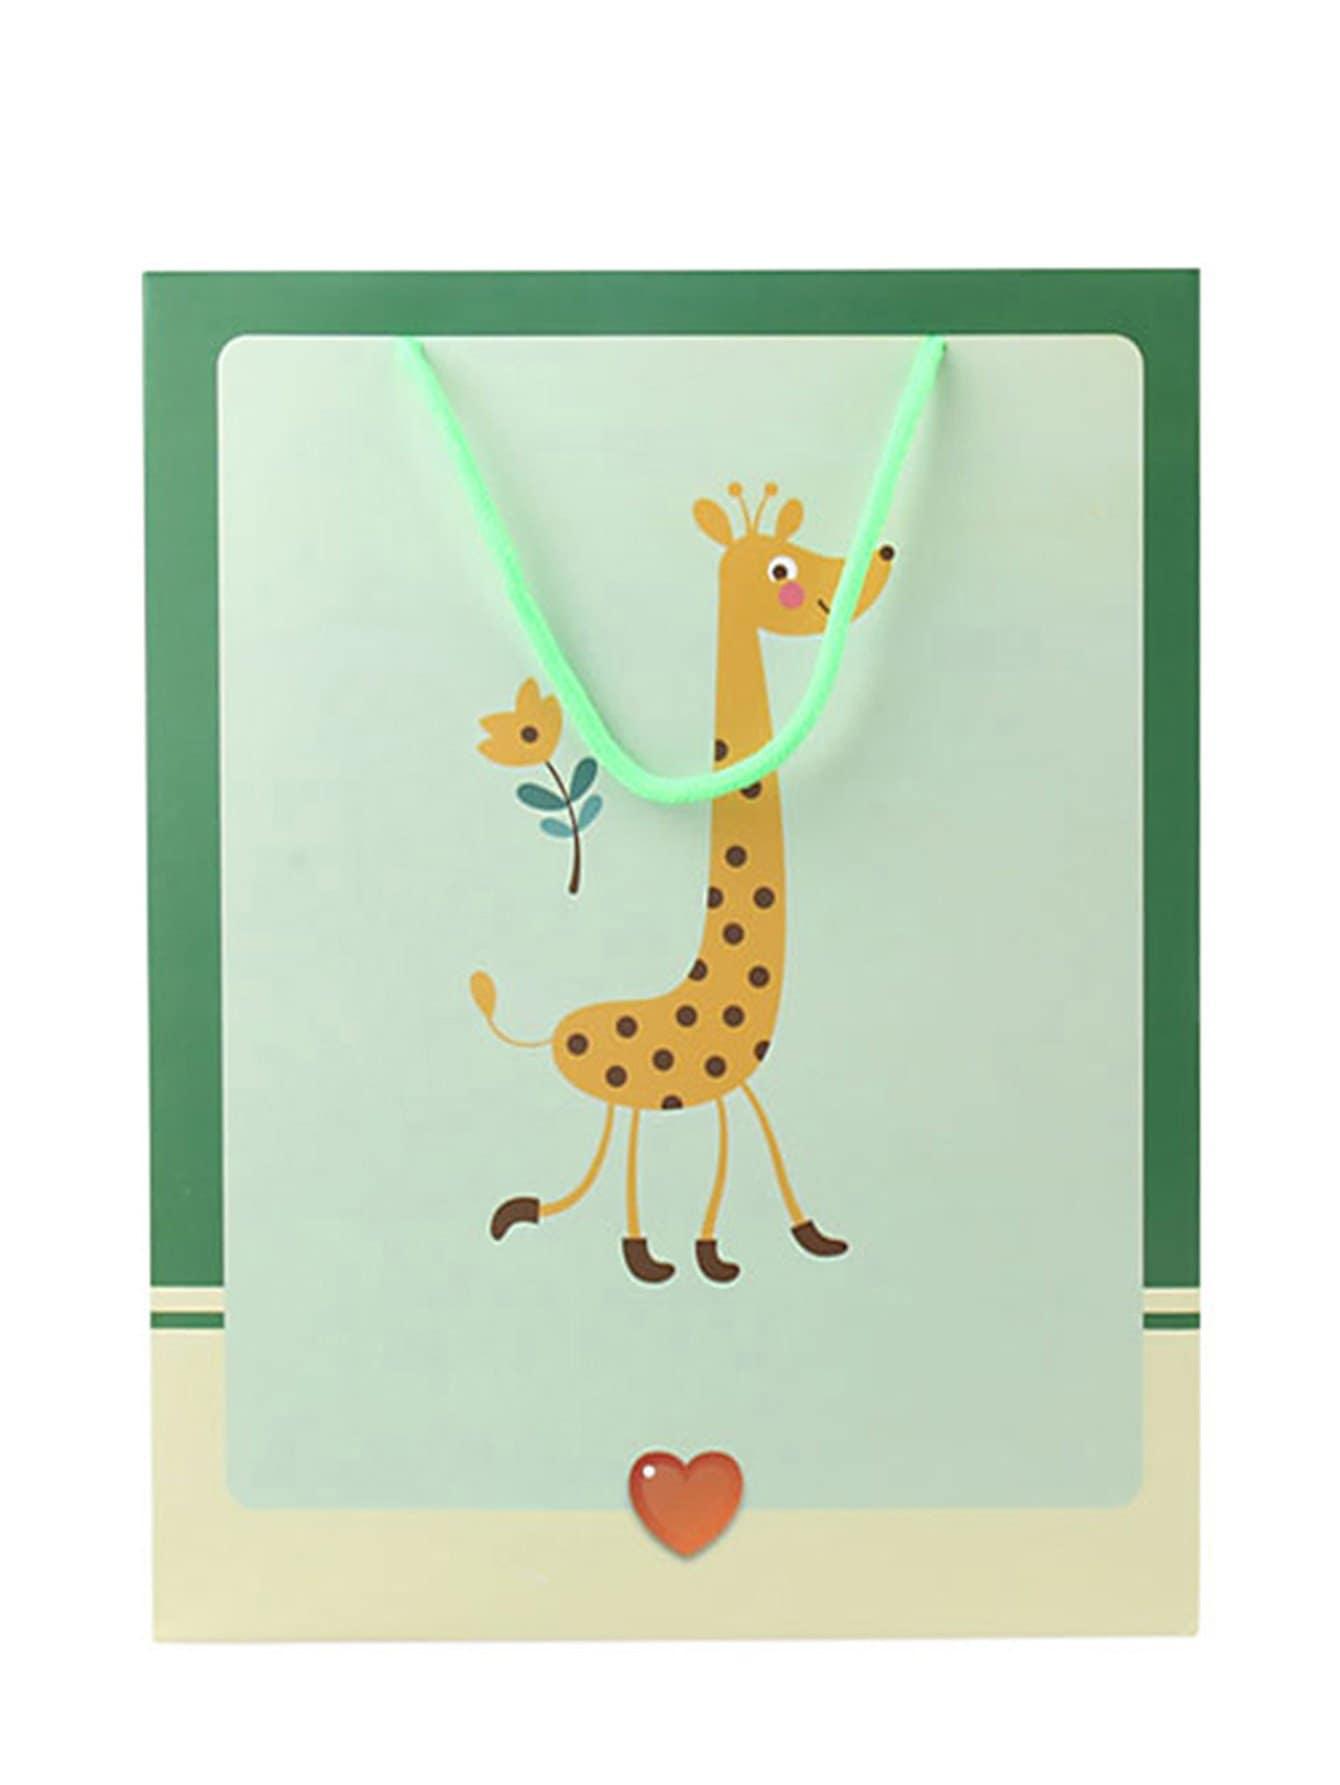 Жираф напечатал большой бумажный мешок